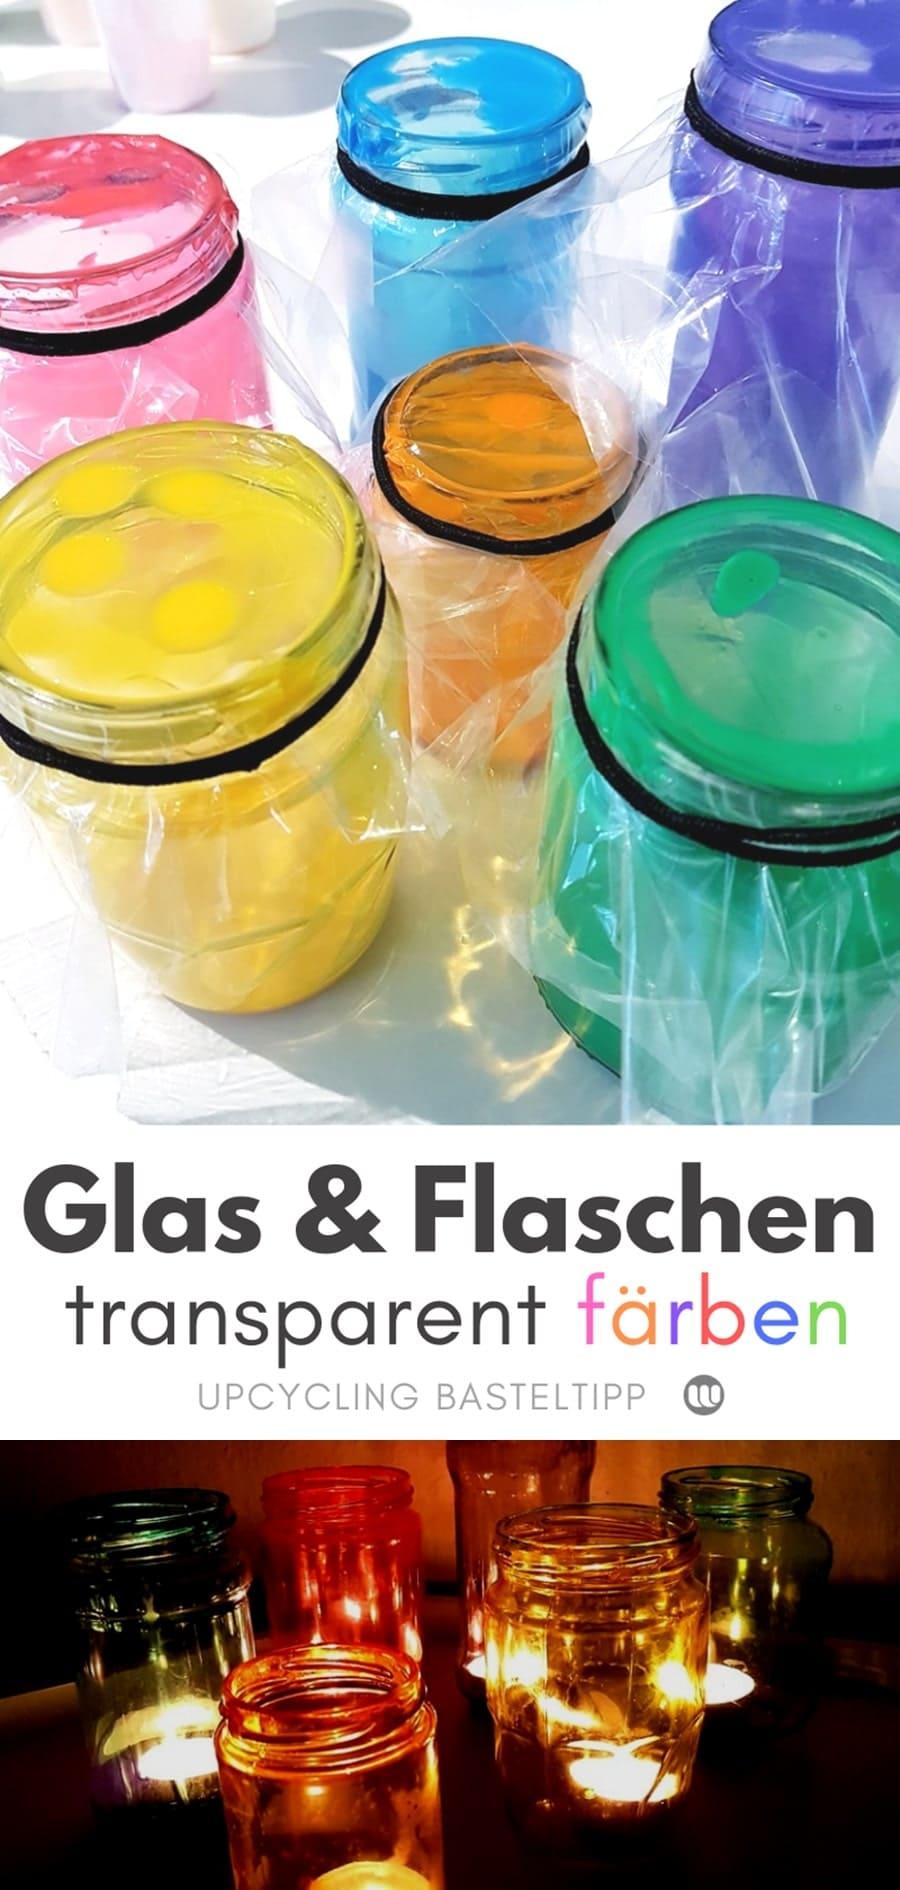 Glas & Flaschen transparent färben mit Lebensmittelfarbe: Upcycling Bastelanleitung zum Gläser färben #upcycling #glas_färben #sommerdeko #maritime_deko